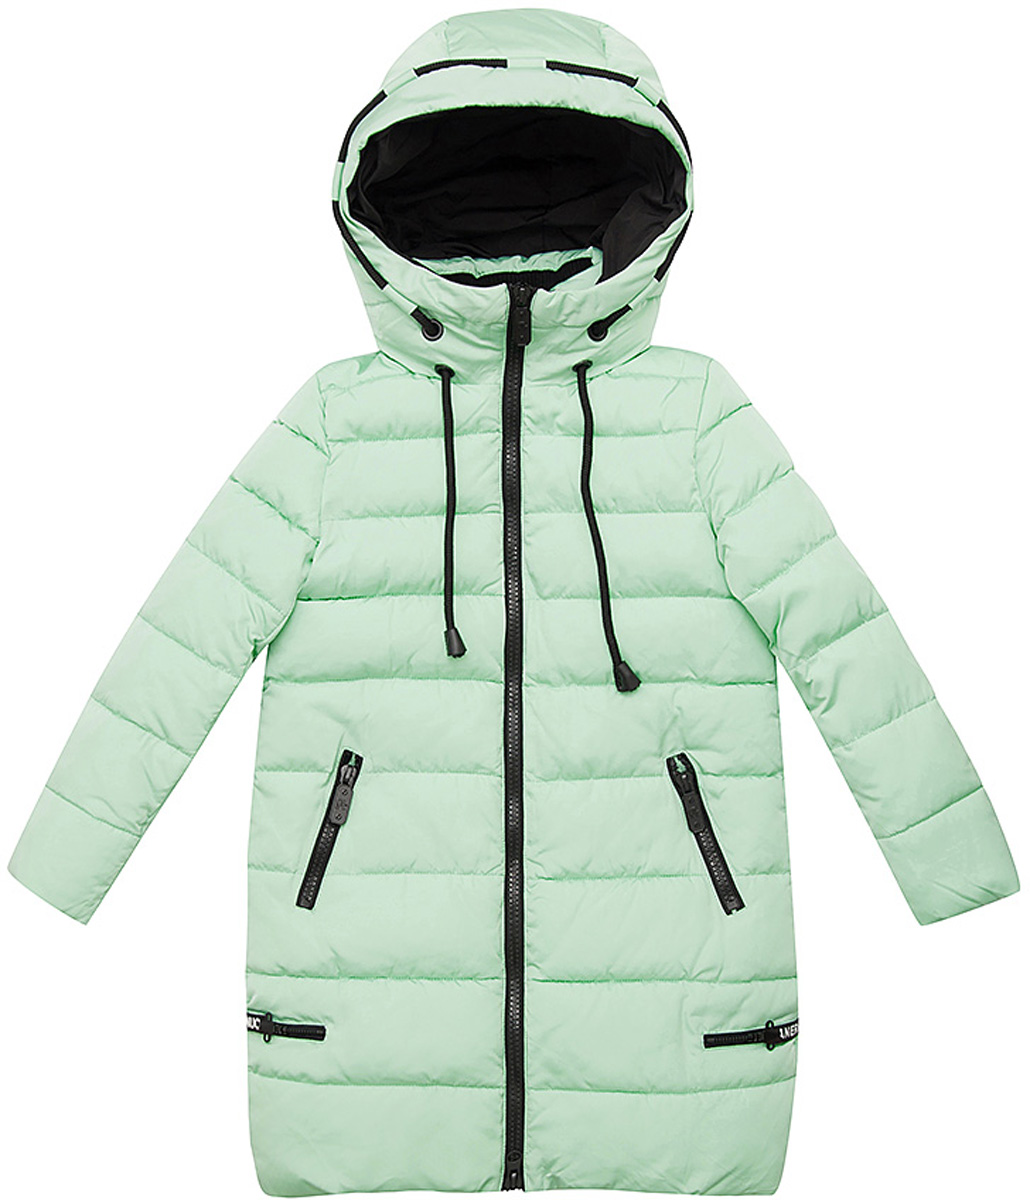 Куртка для девочки Vitacci, цвет: зеленый. 2171454-06. Размер 1602171454-06Удлиненная куртка для девочки Vitacci, изготовленная из полиэстера, станет стильнымдополнением к детскому гардеробу.Подкладка выполнена из полиэстера и дополнительно утеплена флисом по спинке. В качестве утеплителя используется биопух.Модель с капюшоном и длинными рукавами застегивается на пластиковую застежку-молнию. Съемный капюшон регулируется в объеме при помощи шнурка.Температурный режим от -5 до -25 градусов.Красивый цвет, модный силуэтобеспечивают куртке прекрасный внешний вид! Теплая, удобная и практичная куртка идеально подойдет юной моднице для прогулок!